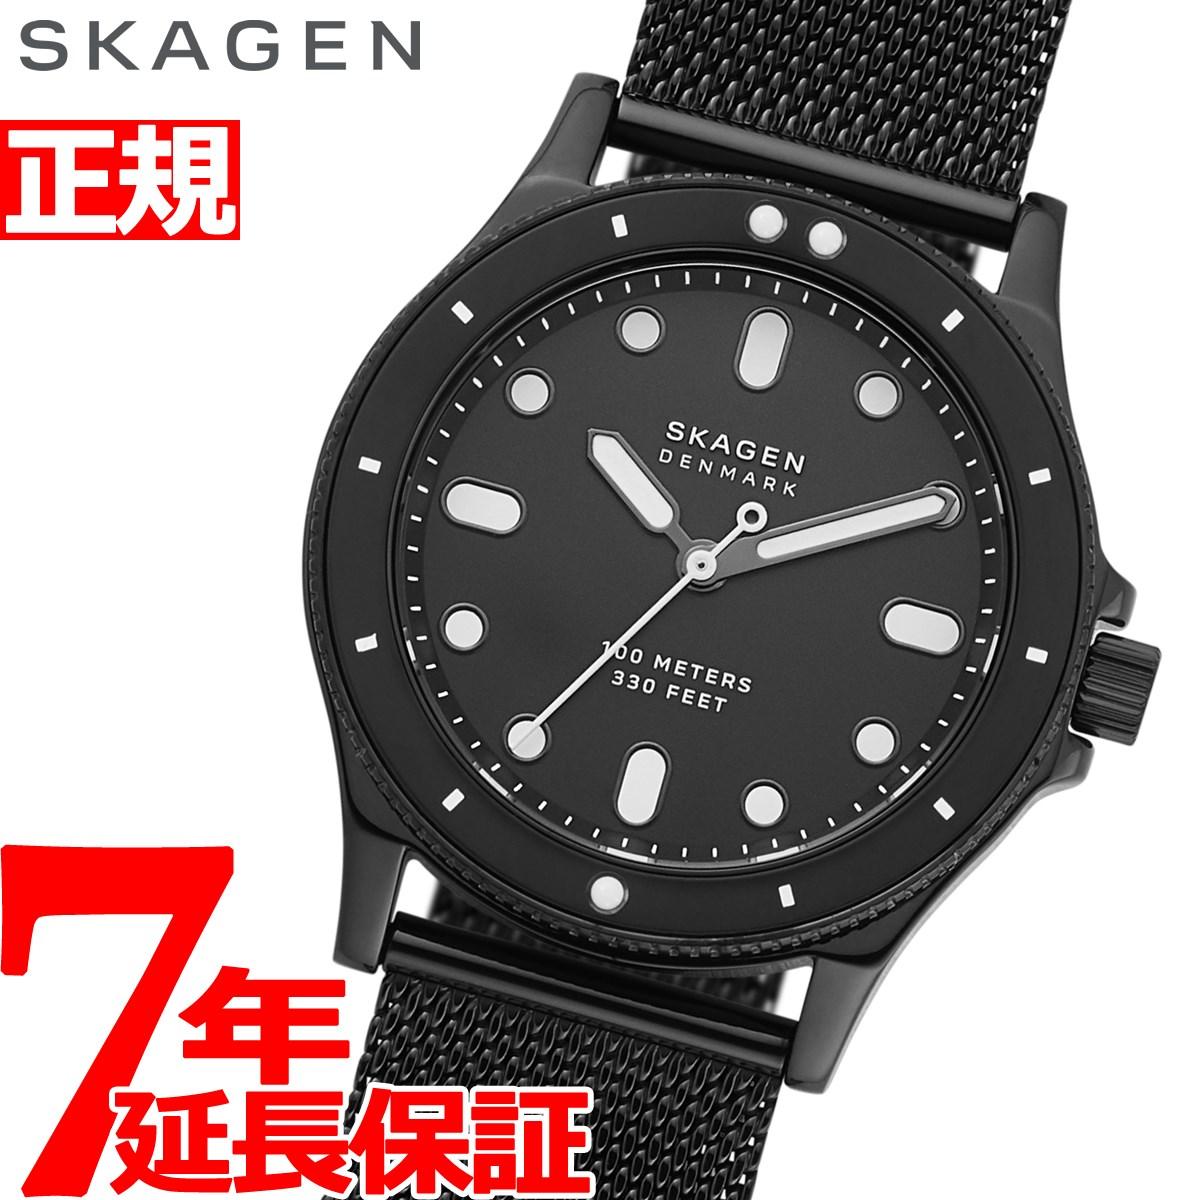 【5日0時~♪2000円OFFクーポン&店内ポイント最大51倍!5日23時59分まで】スカーゲン SKAGEN 腕時計 メンズ フィスク FISK SKW2917【2020 新作】